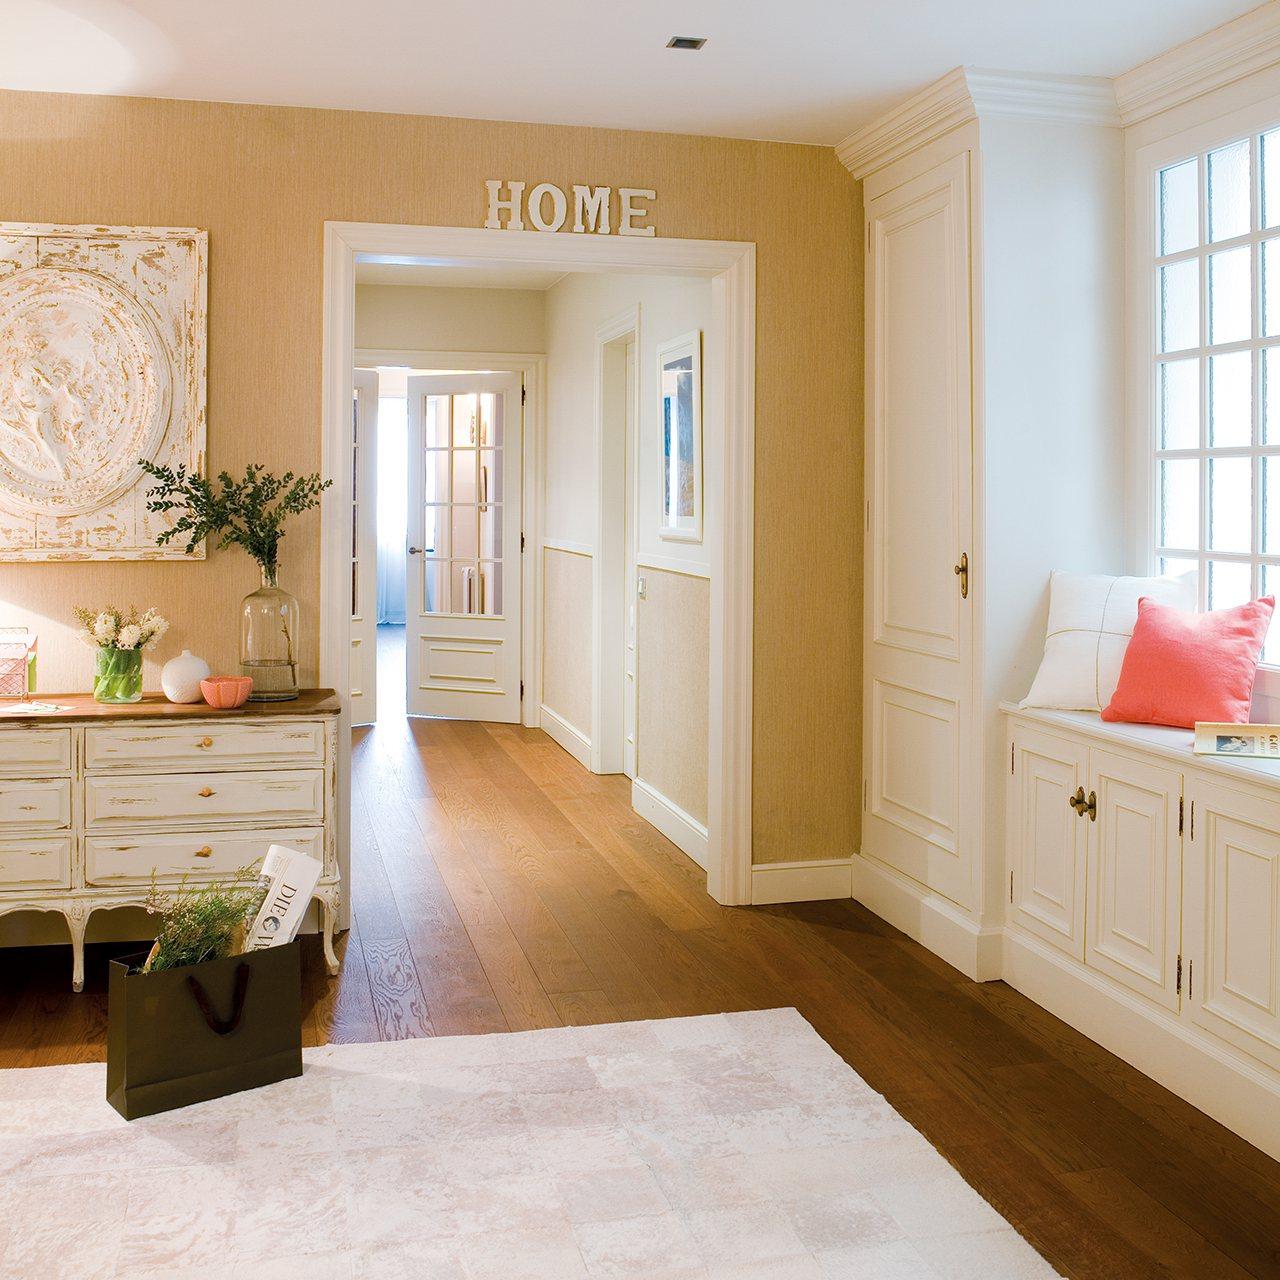 Reinventa tu recibidor con peque os cambios - Recibidor con armario ...